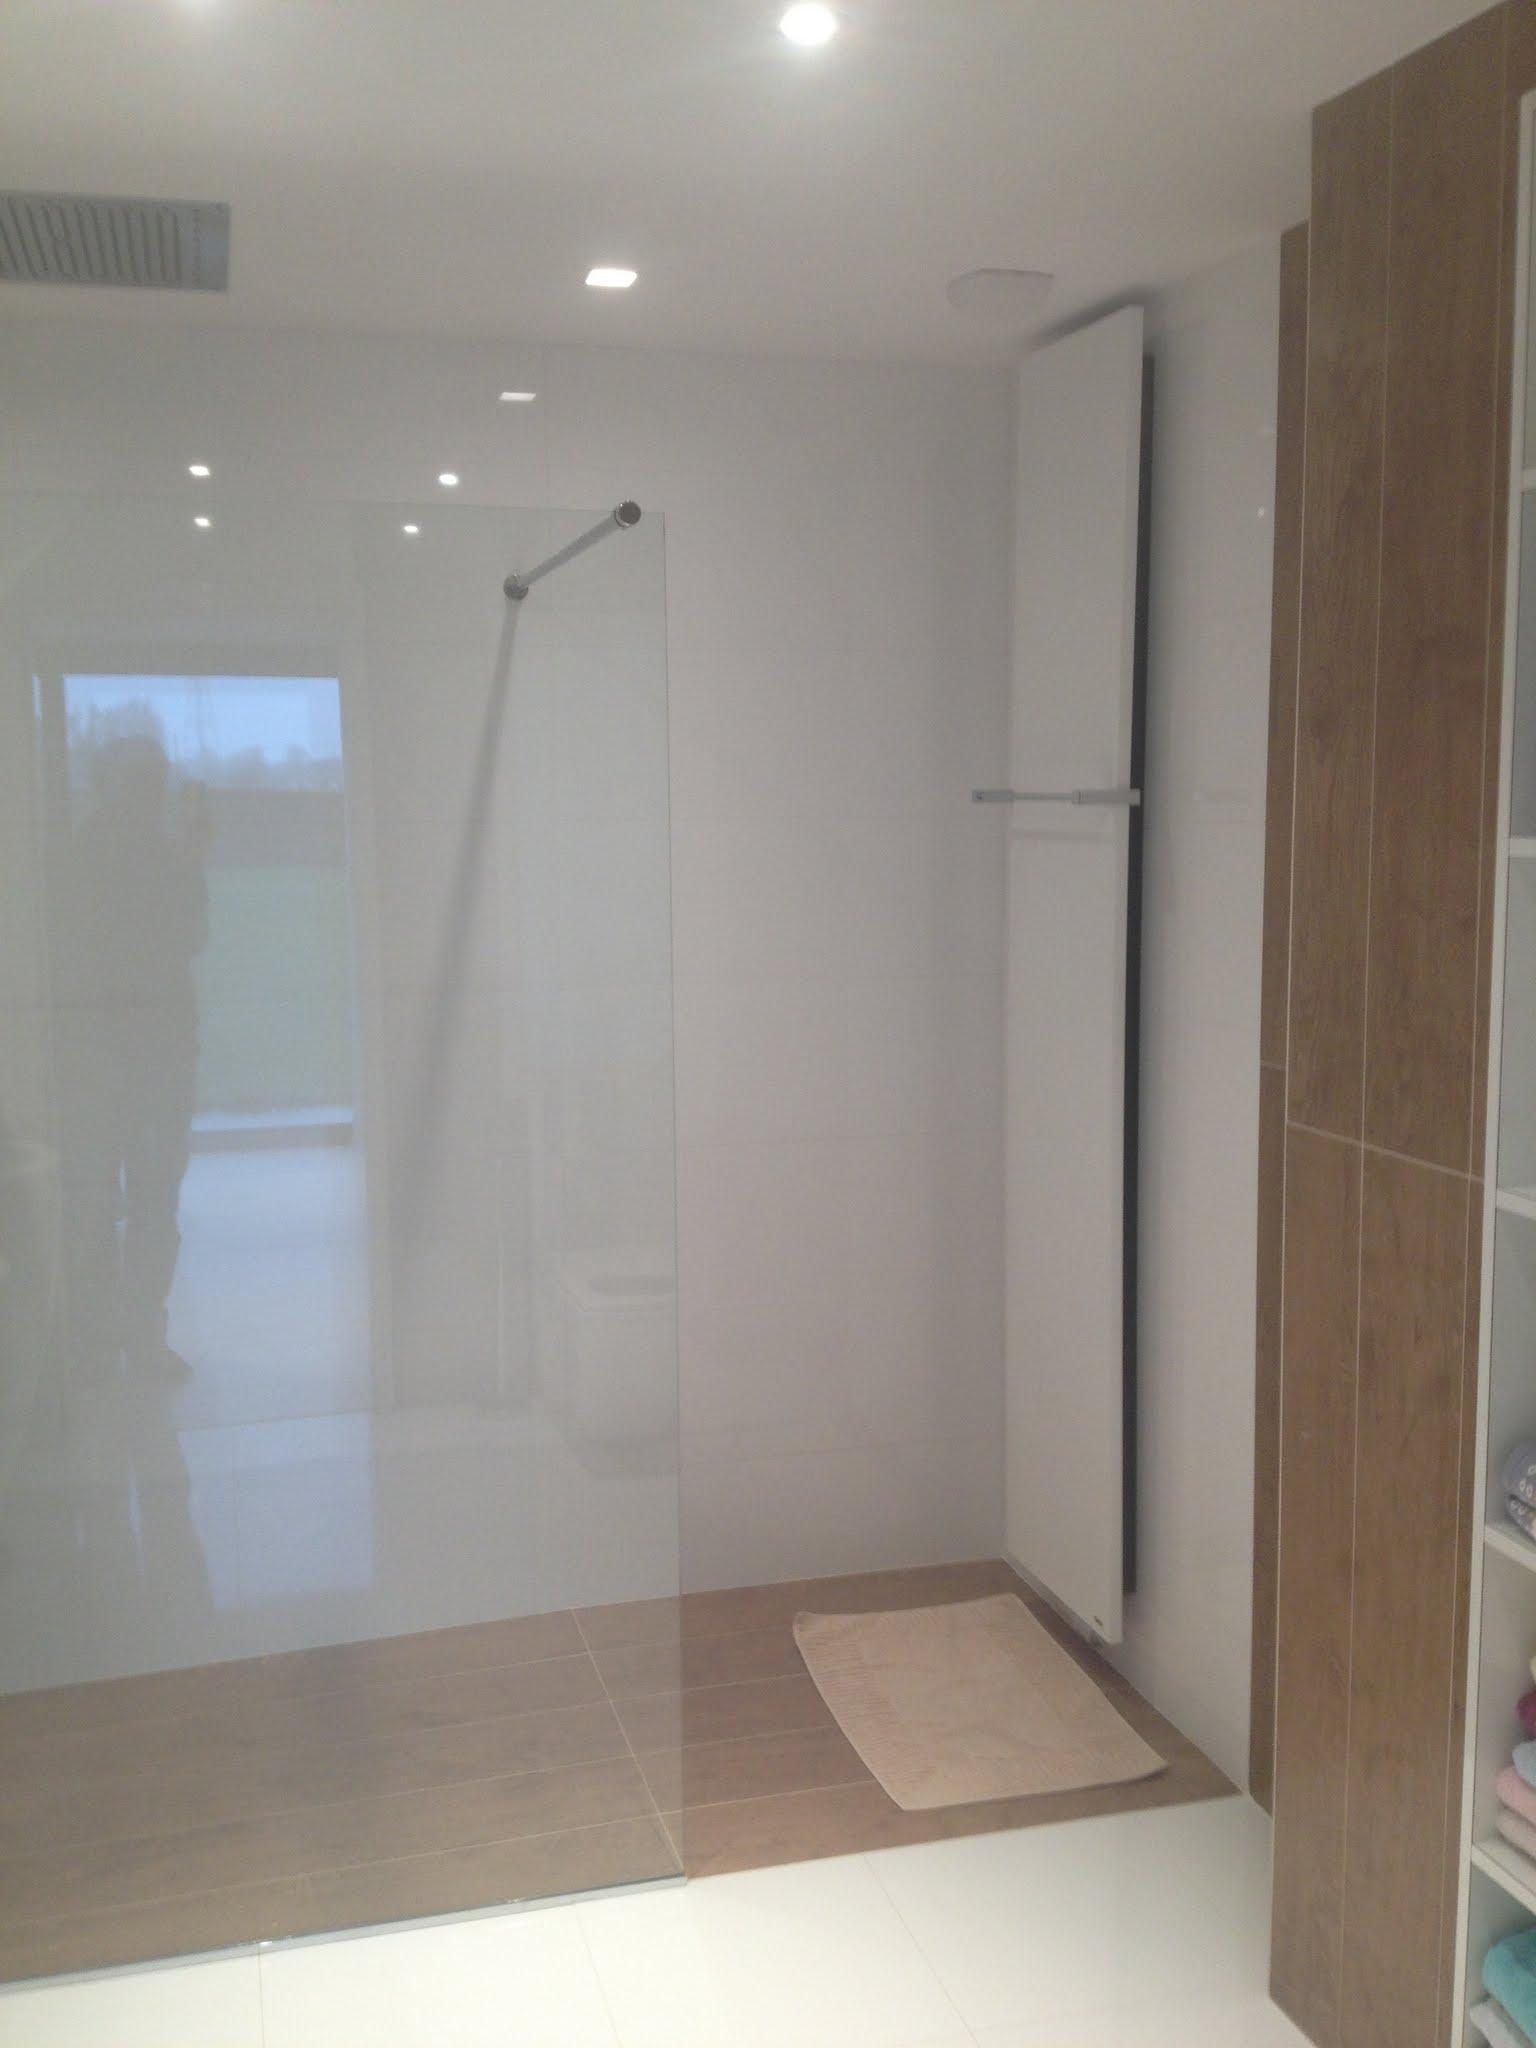 R alisation d 39 une salle de bain avec carrelage aspect bois for Wc dans salle de bain